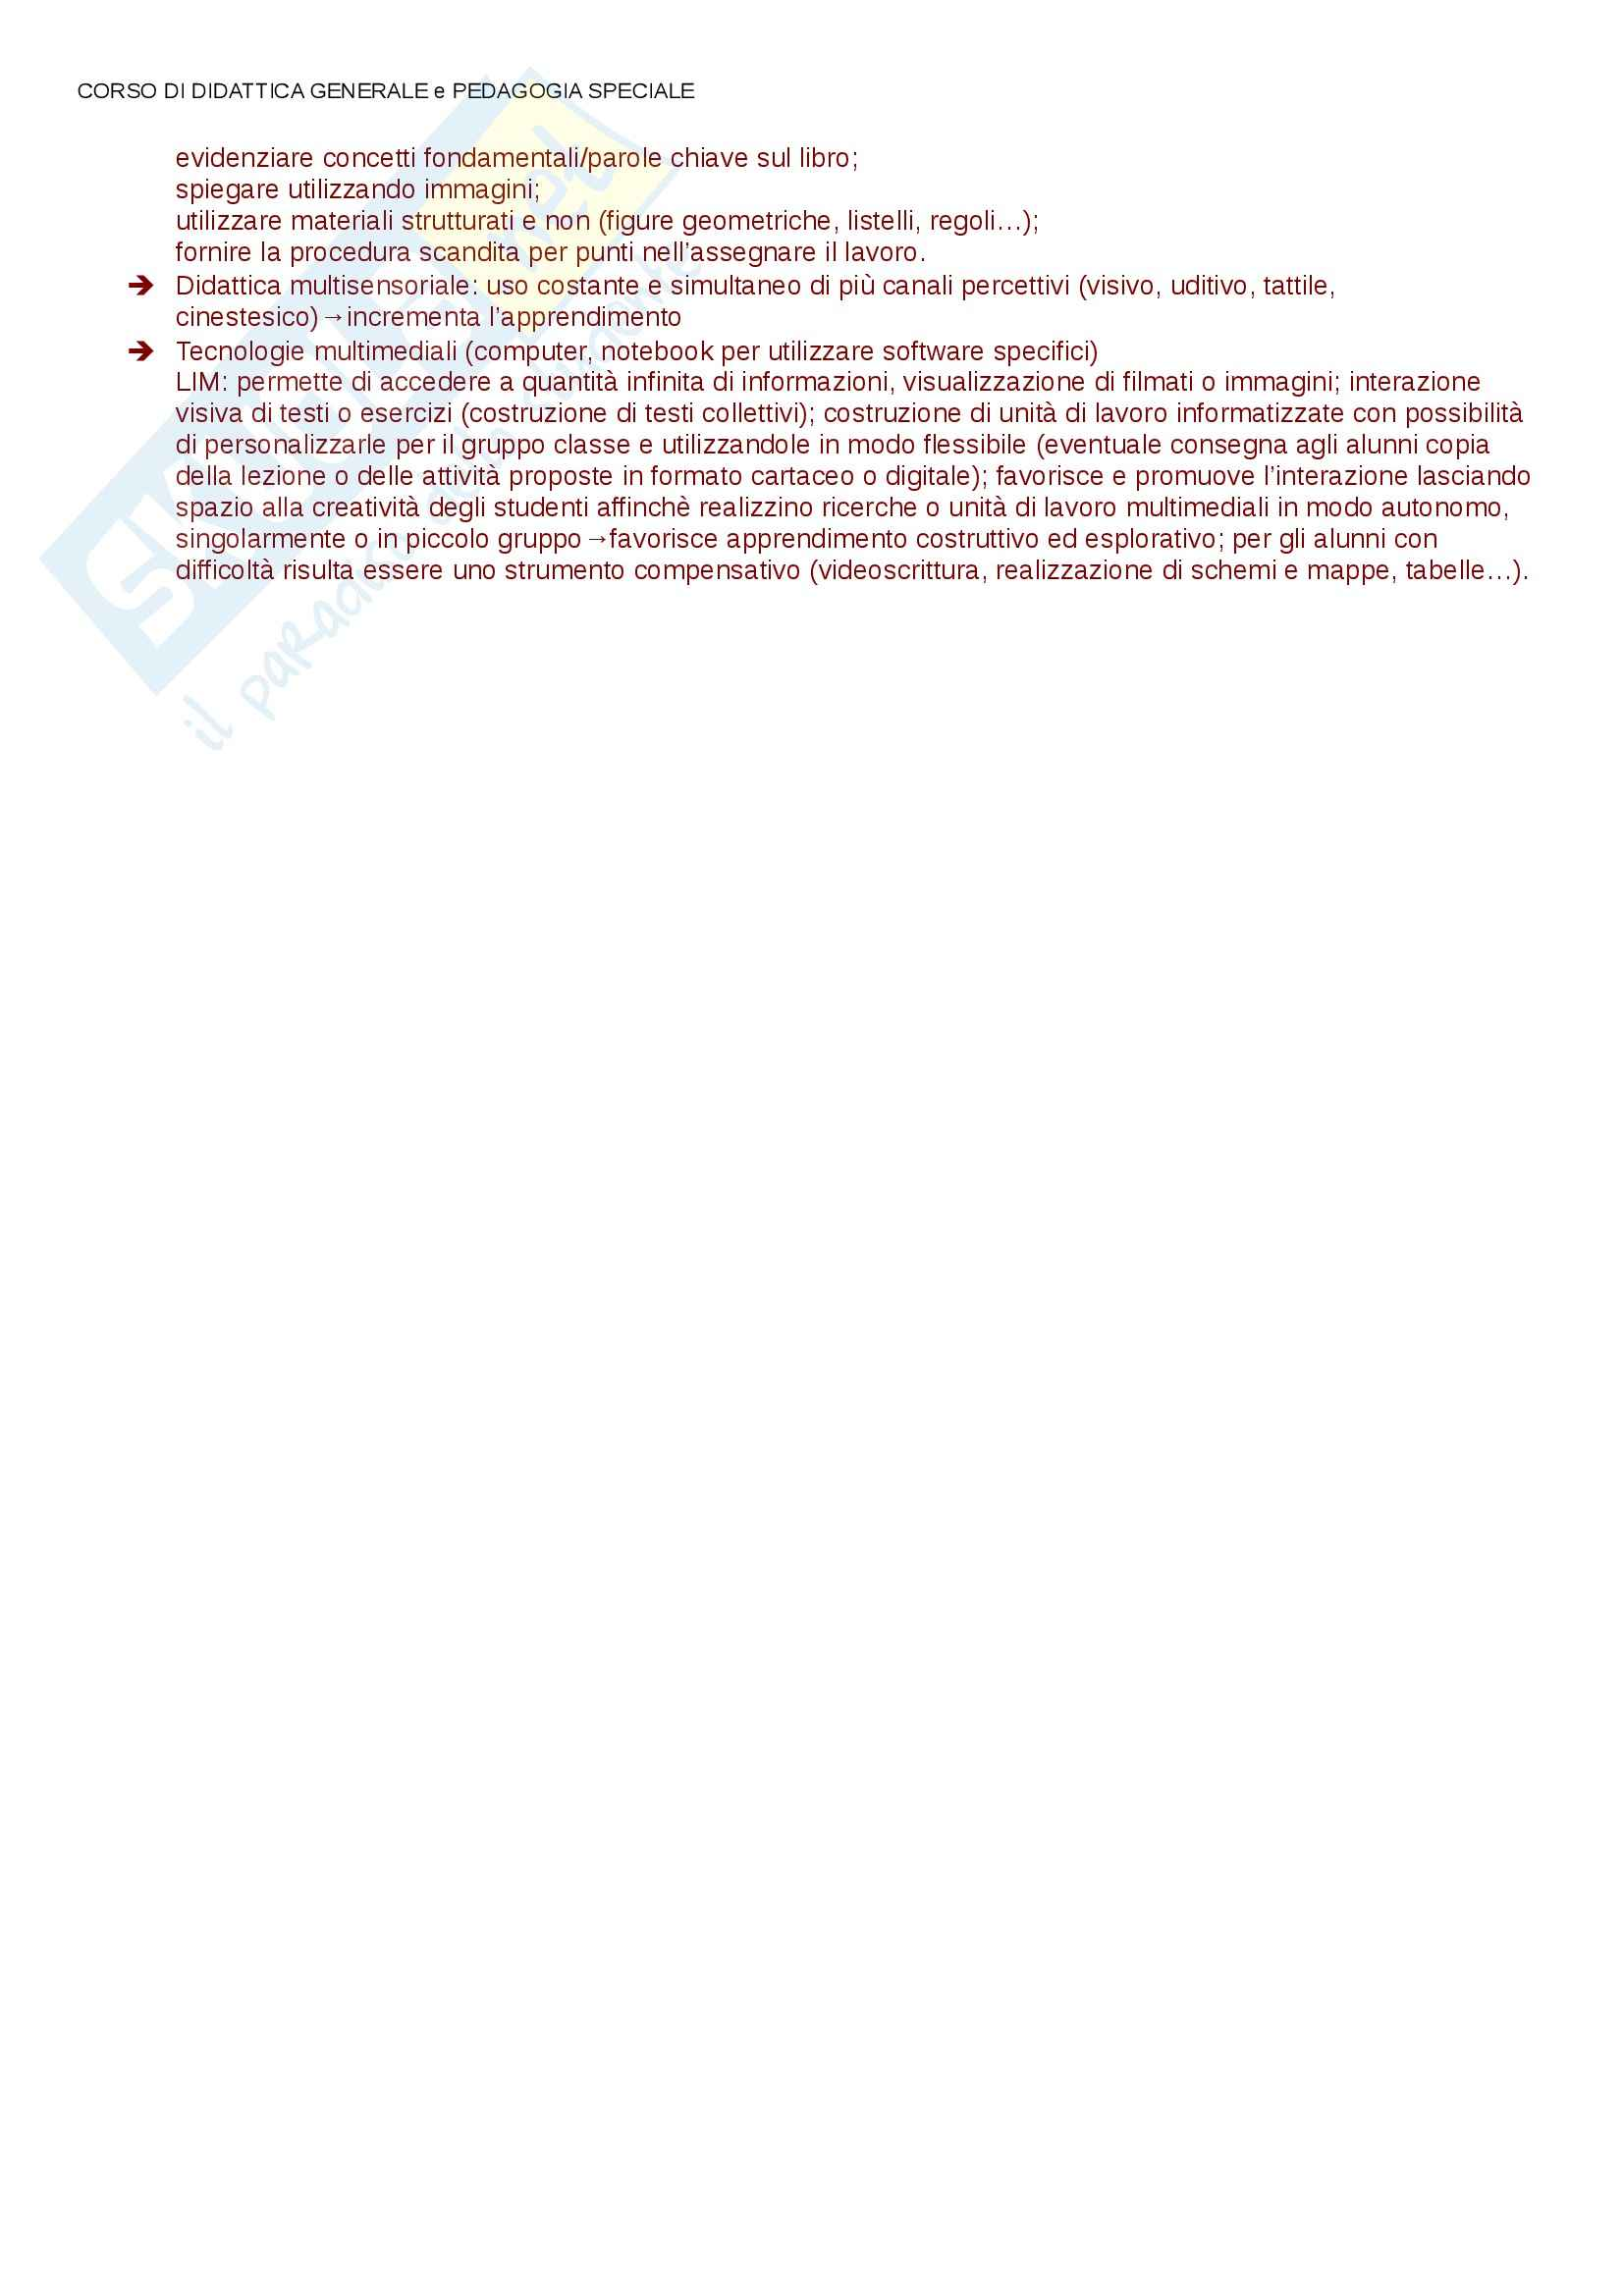 Lezioni, approfondimenti, Didattica e Pedagogia Speciale Pag. 111